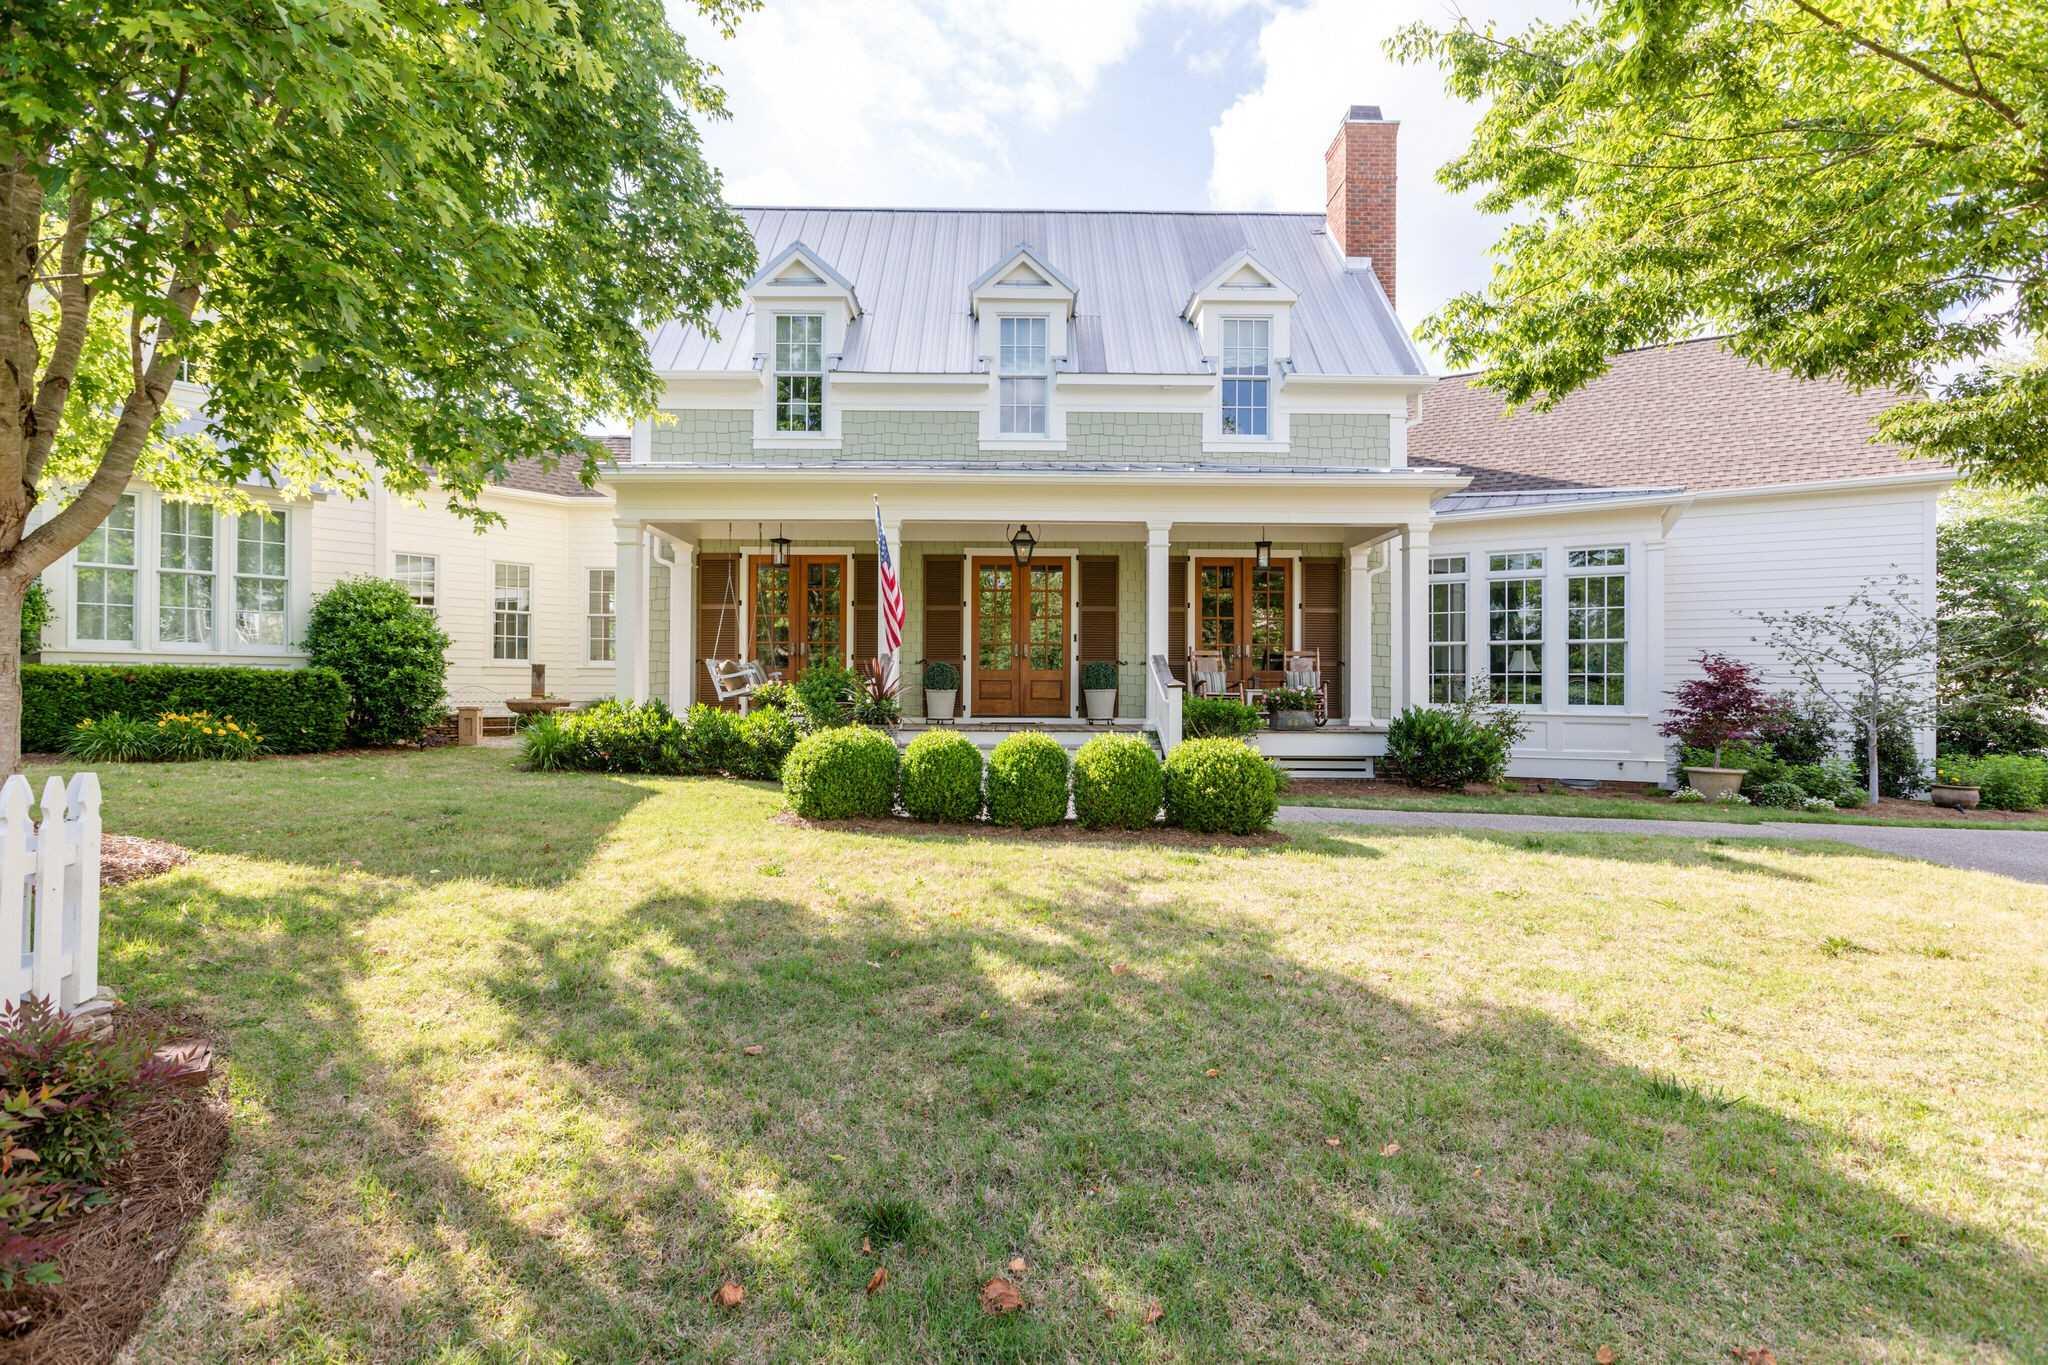 $3,250,000 - 5Br/5Ba -  for Sale in Harlinsdale Manor, Franklin